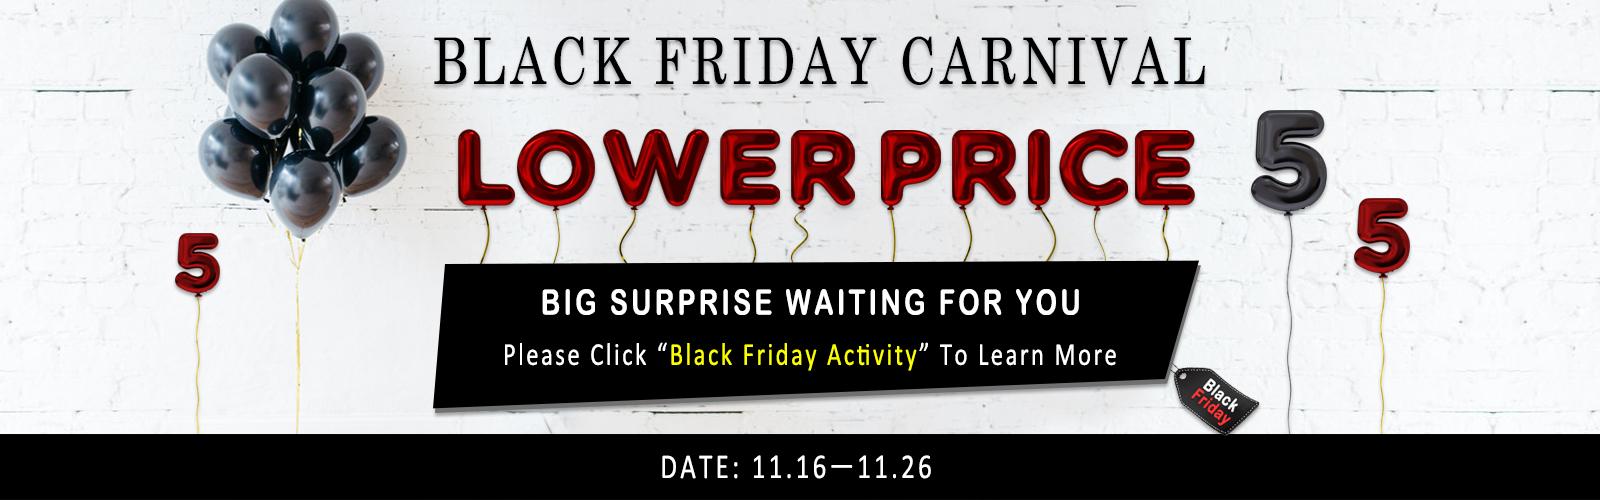 Black Friday Activity